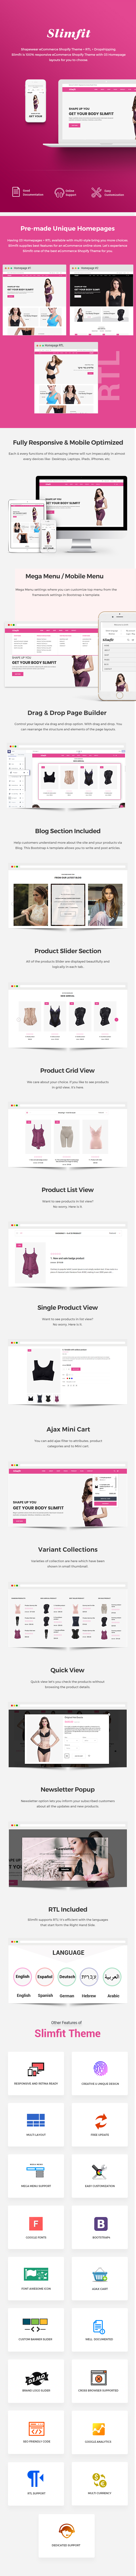 Slimfit - Shapewear eCommerce Shopify Theme - 1